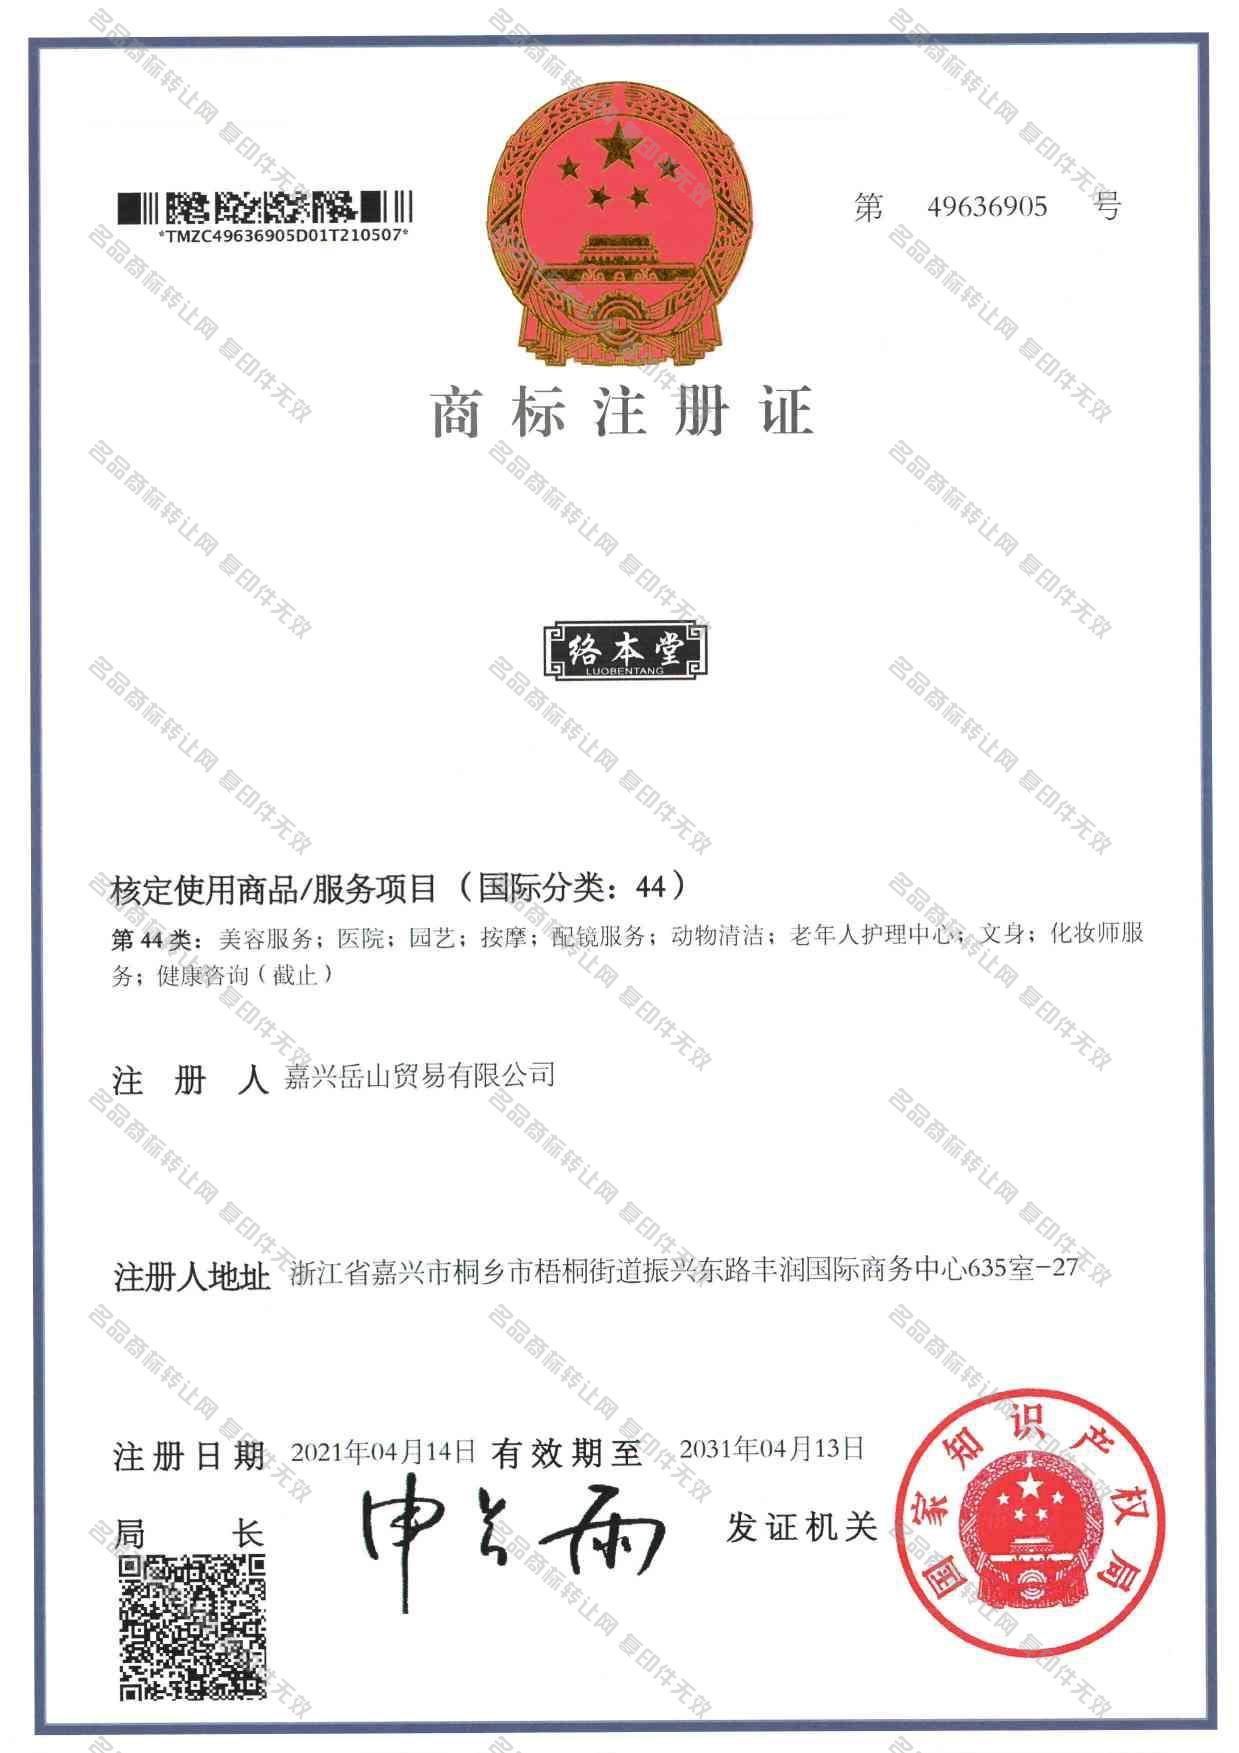 络本堂注册证